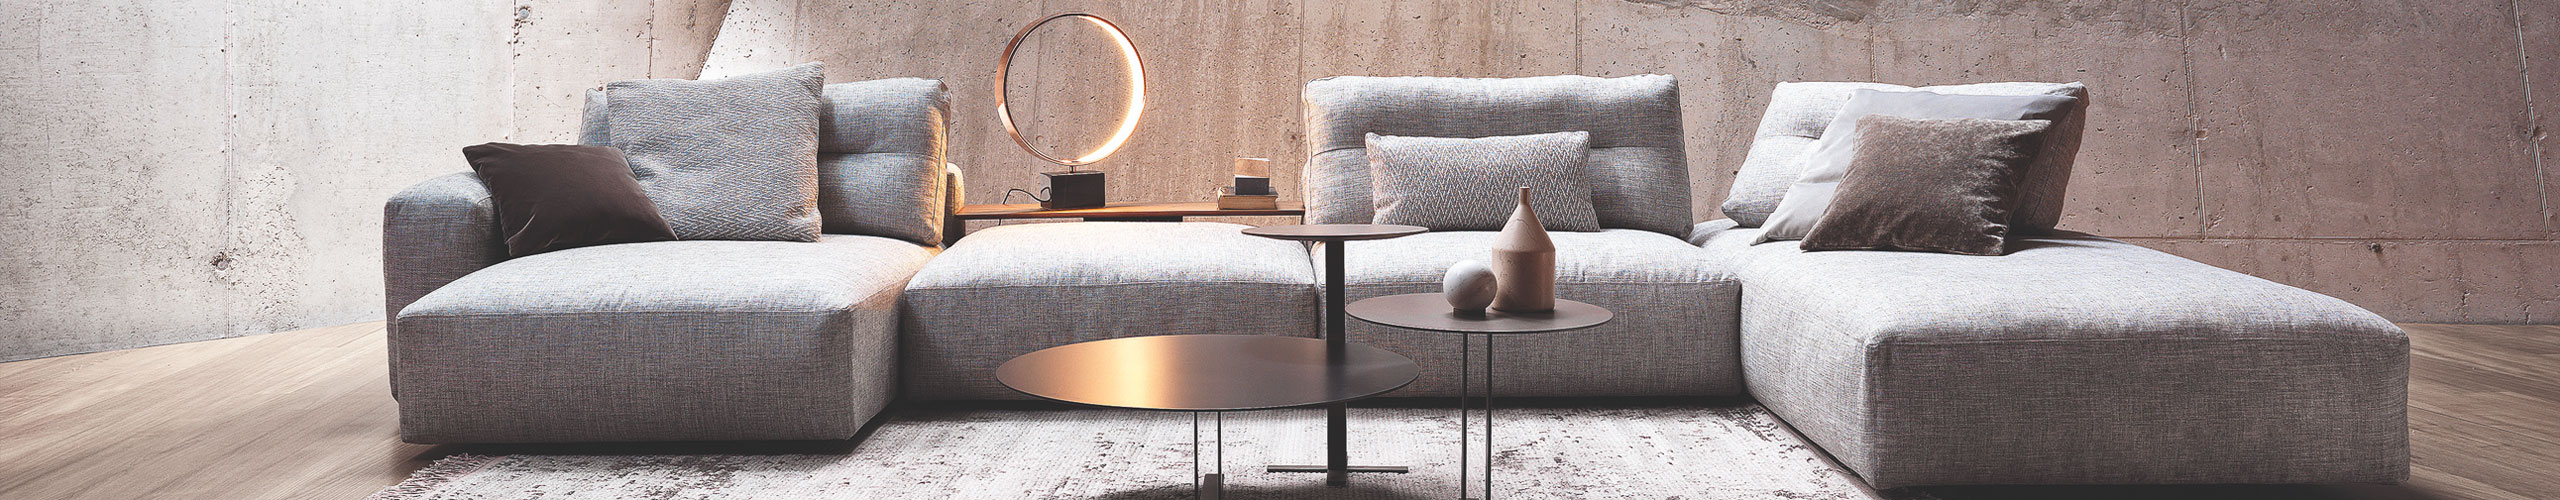 interior-designer-consulenza-arredo-progettazione-maxxi-lecce-brindisi-taranto